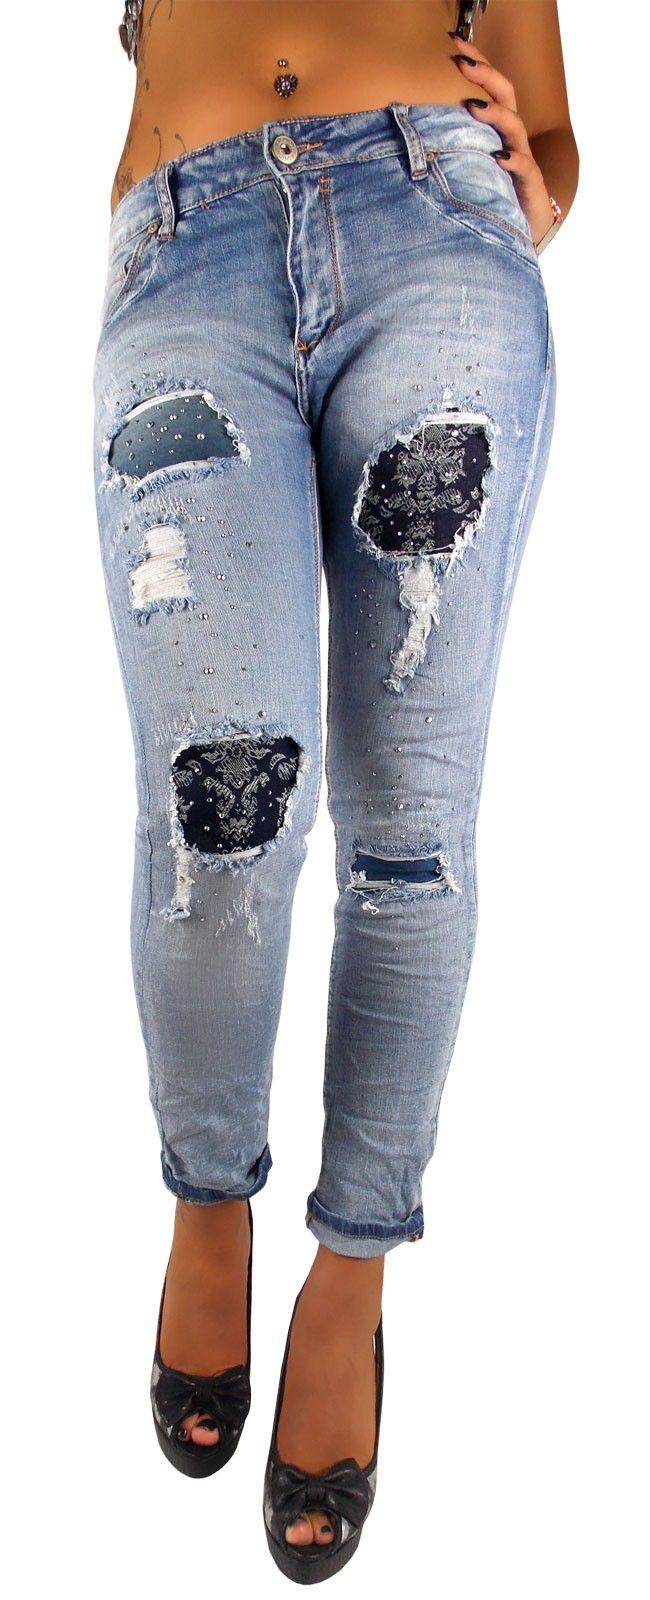 Jeans zerrissen flicken